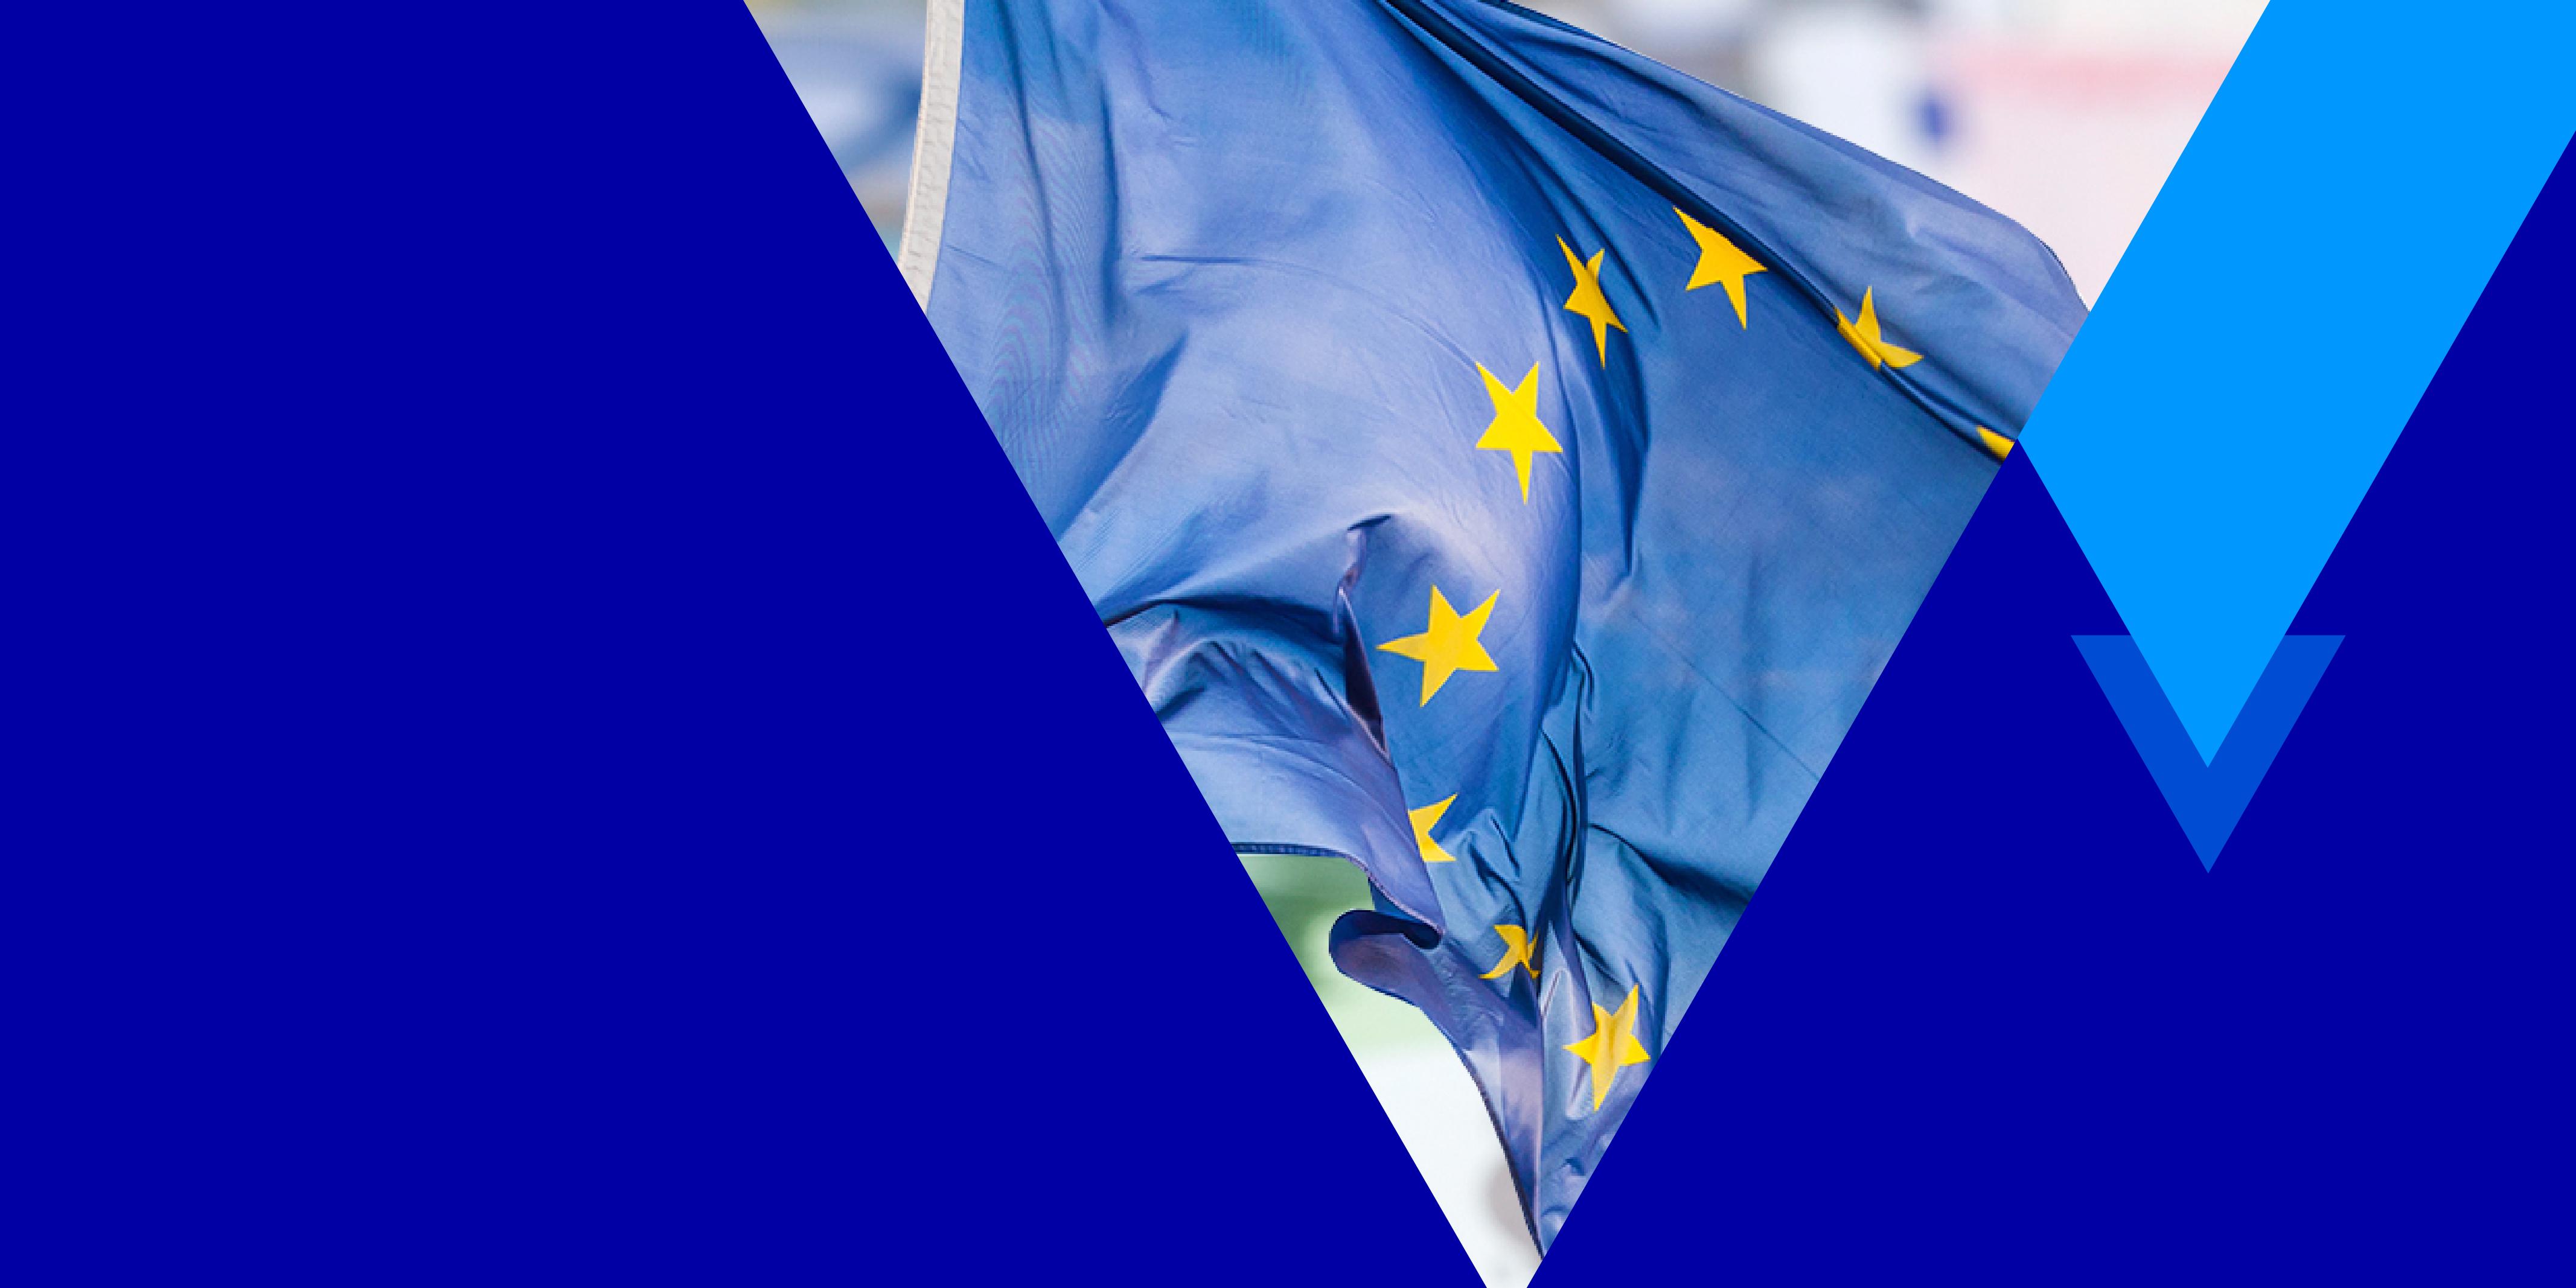 Approvati i Recovery Plan da ECOFIN e Commissione Europea